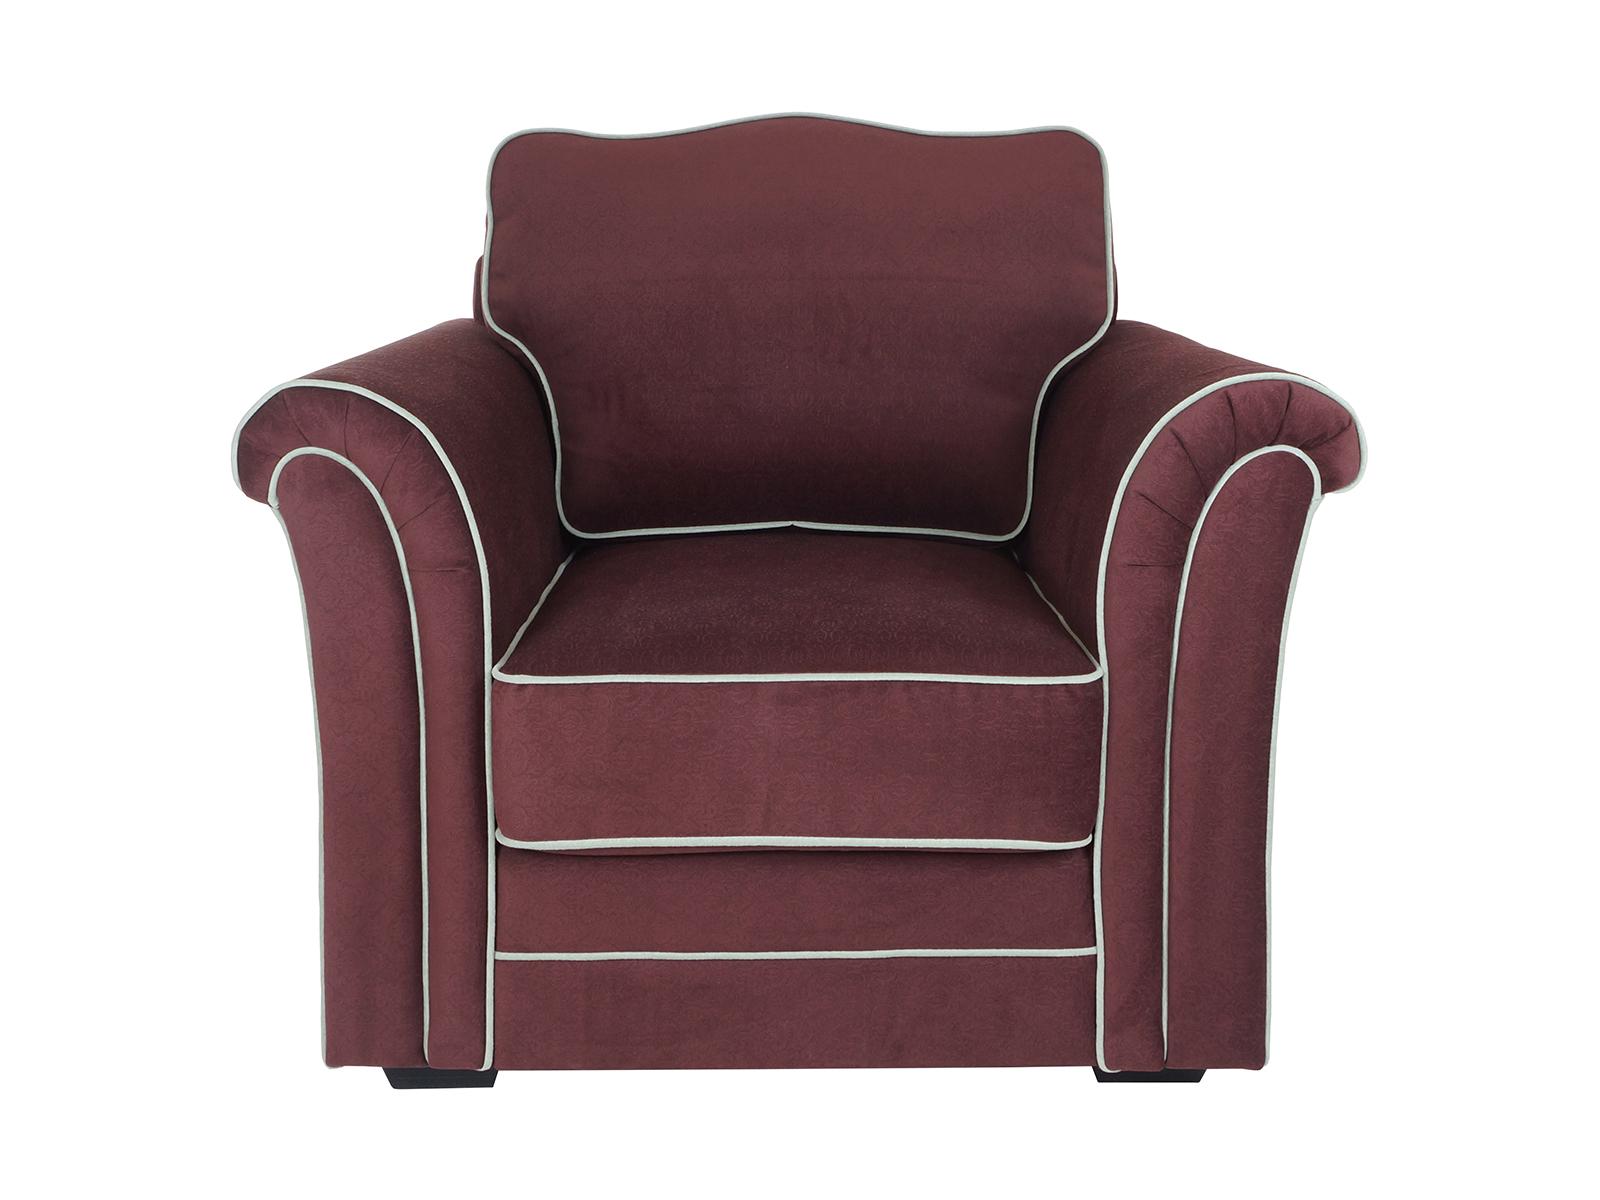 Кресло SydneyИнтерьерные кресла<br>&amp;lt;div&amp;gt;Материалы:&amp;lt;/div&amp;gt;&amp;lt;div&amp;gt;Каркас: деревянный брус, фанера&amp;lt;/div&amp;gt;&amp;lt;div&amp;gt;Сиденье: пружинный блок, пенополиуретан, холлофайбер&amp;lt;/div&amp;gt;&amp;lt;div&amp;gt;Лицевой чехол: несъёмный&amp;lt;/div&amp;gt;<br><br>Material: Текстиль<br>Ширина см: 103.0<br>Высота см: 97.0<br>Глубина см: 103.0